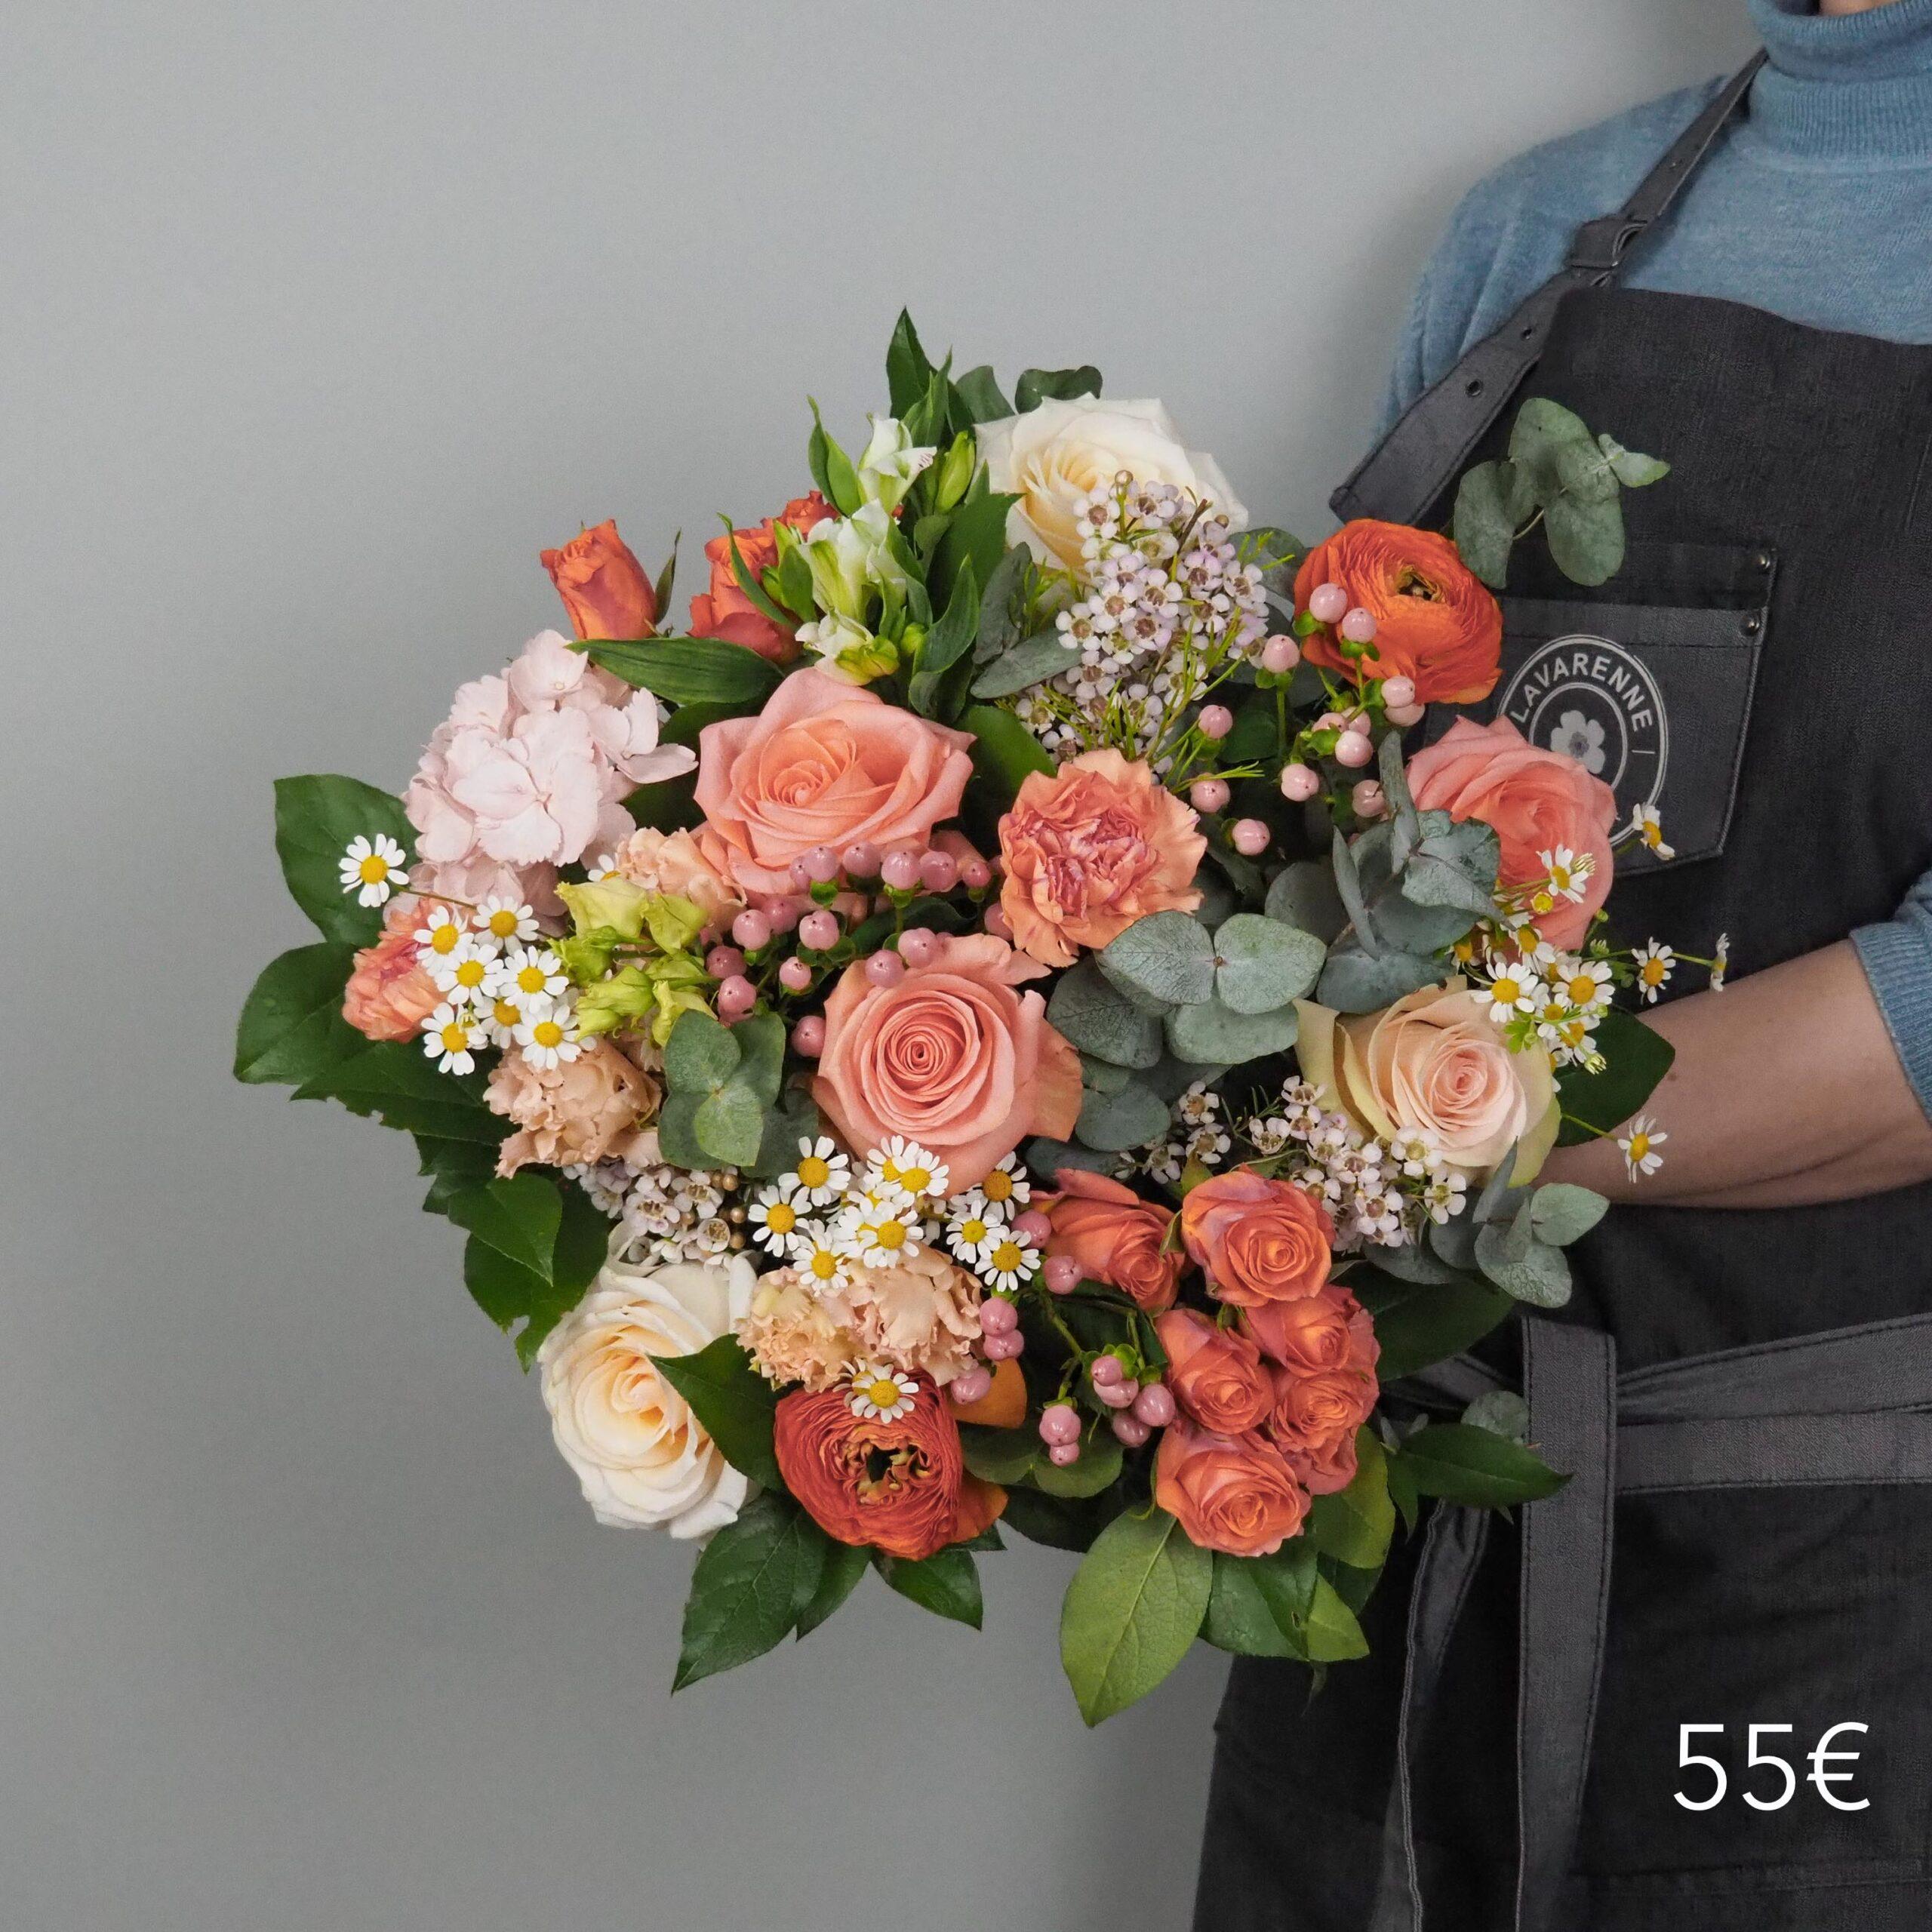 bouquet-pecher-mignon-atelier-lavarenne-fleuriste-lyon-55